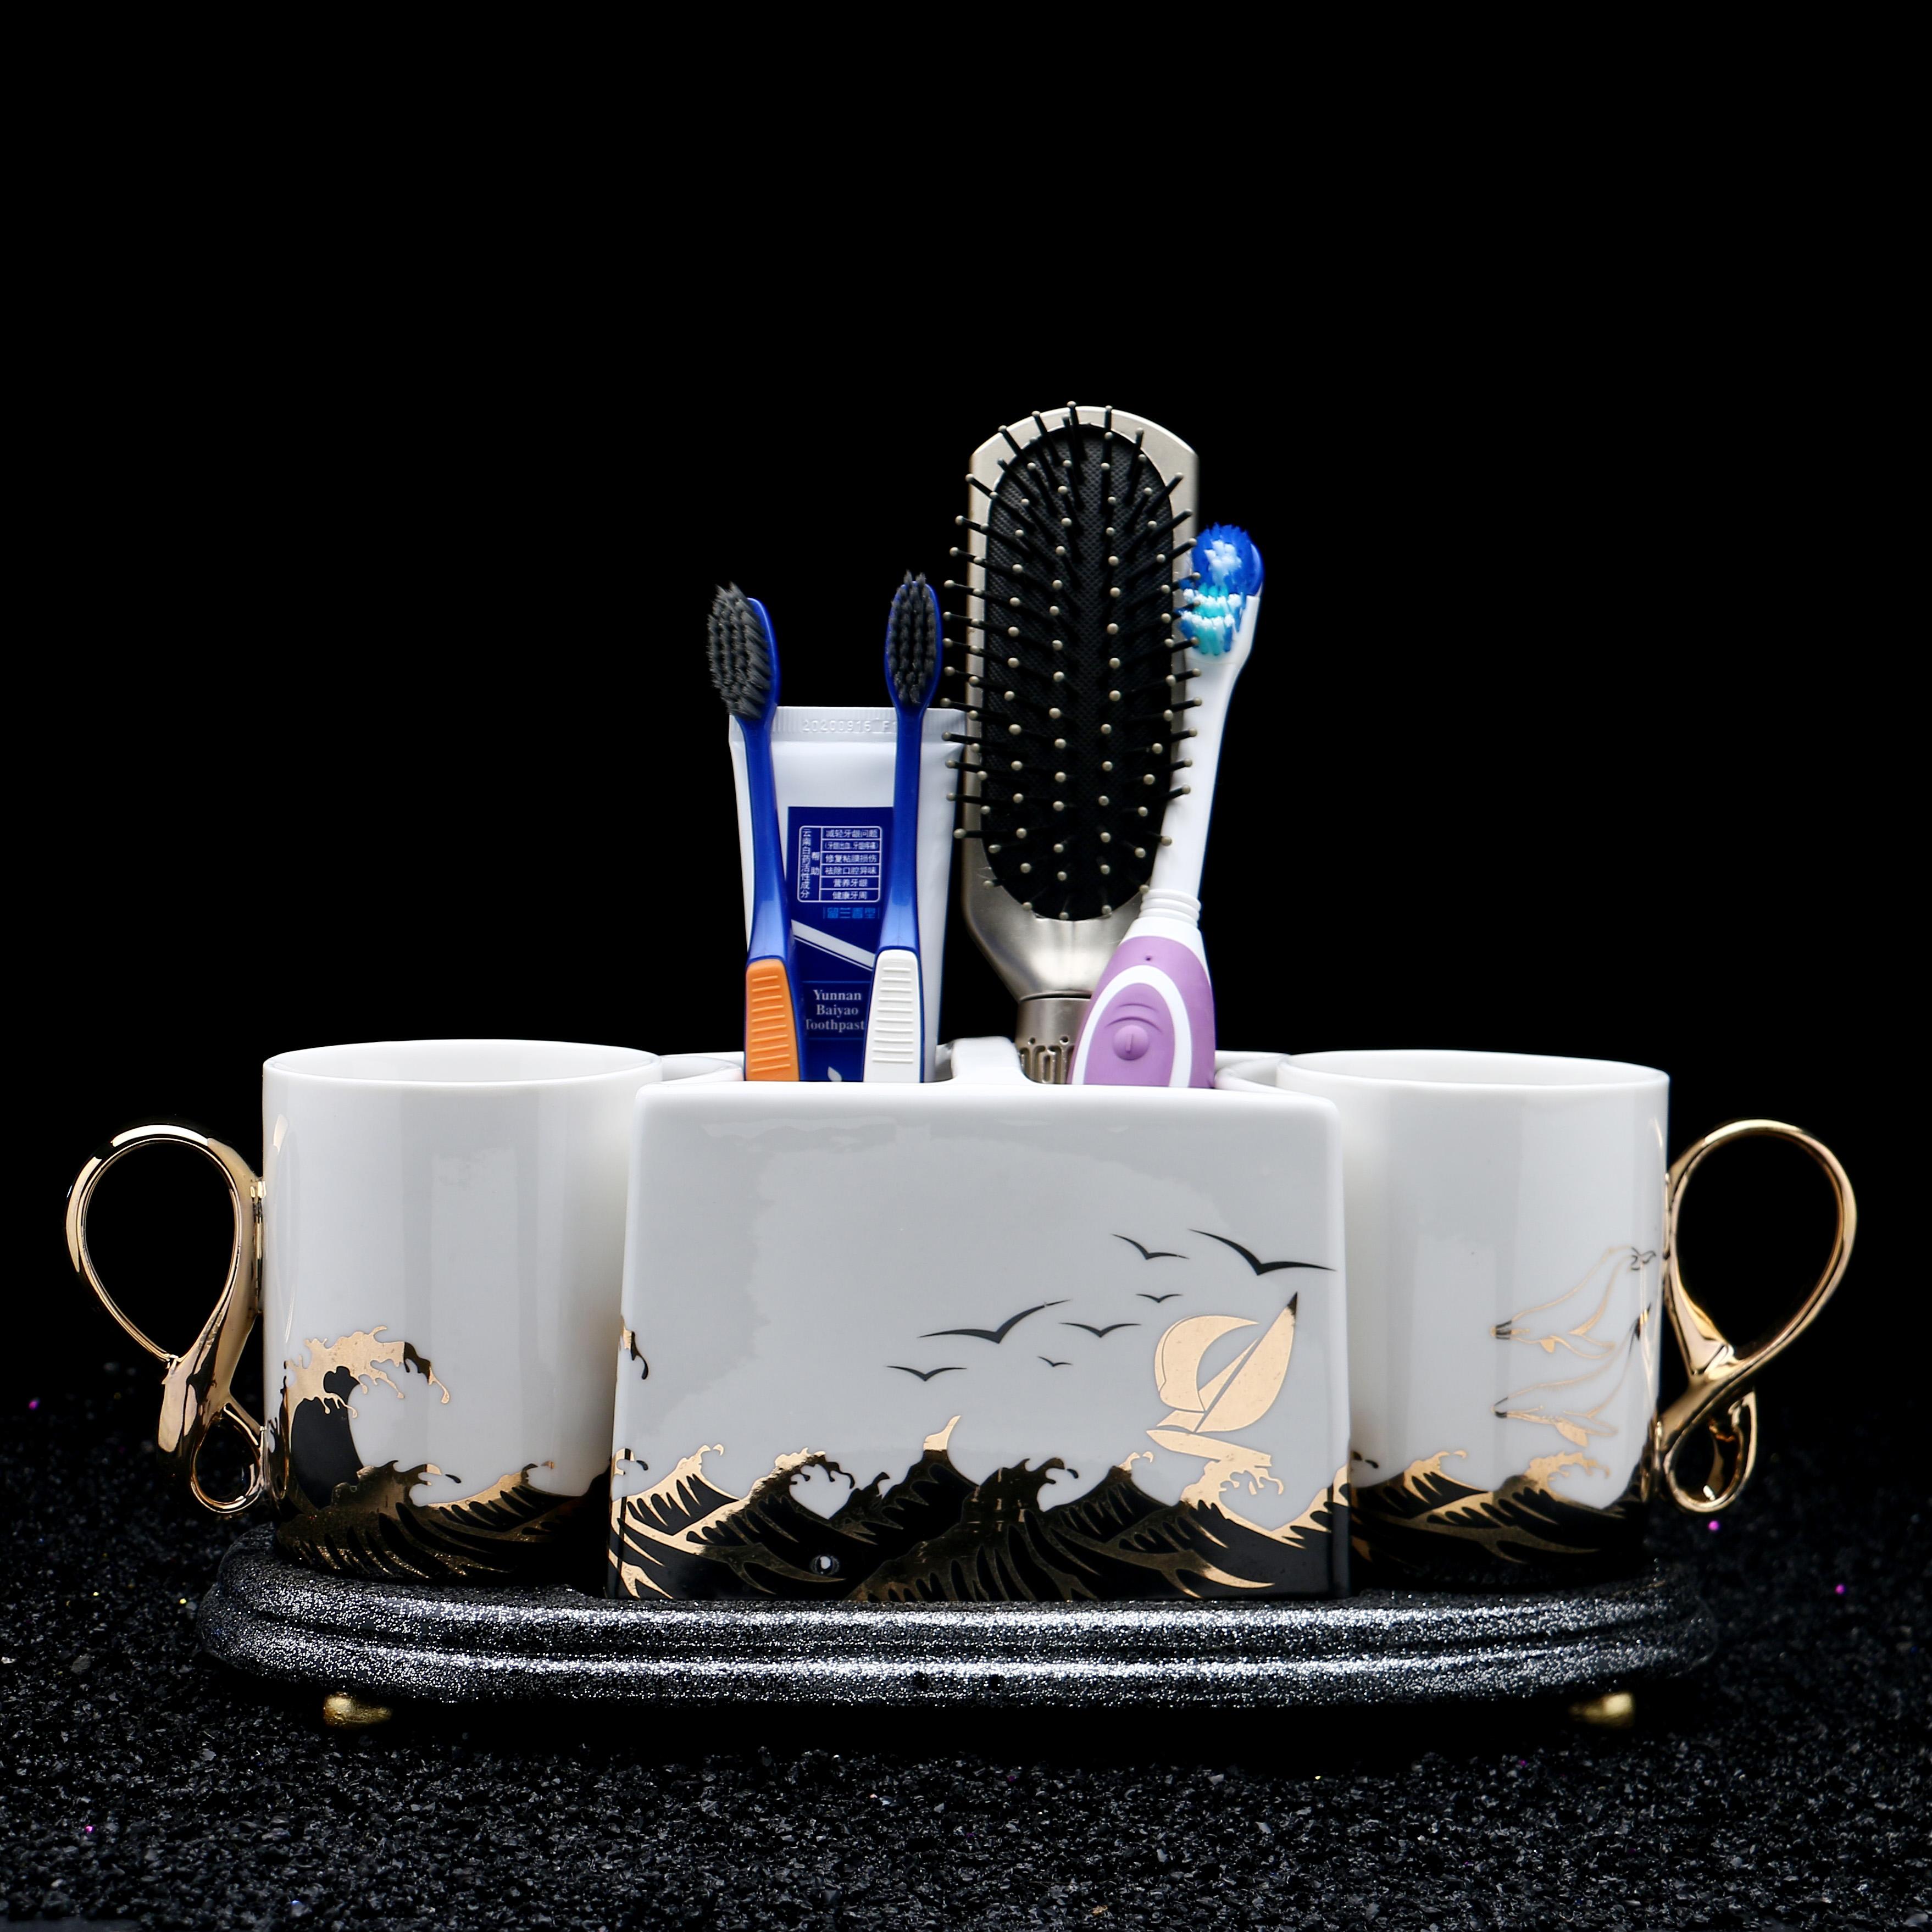 欧式陶瓷卫浴五件套带托盘牙刷架牙具座漱口刷牙杯家用洗漱杯套装